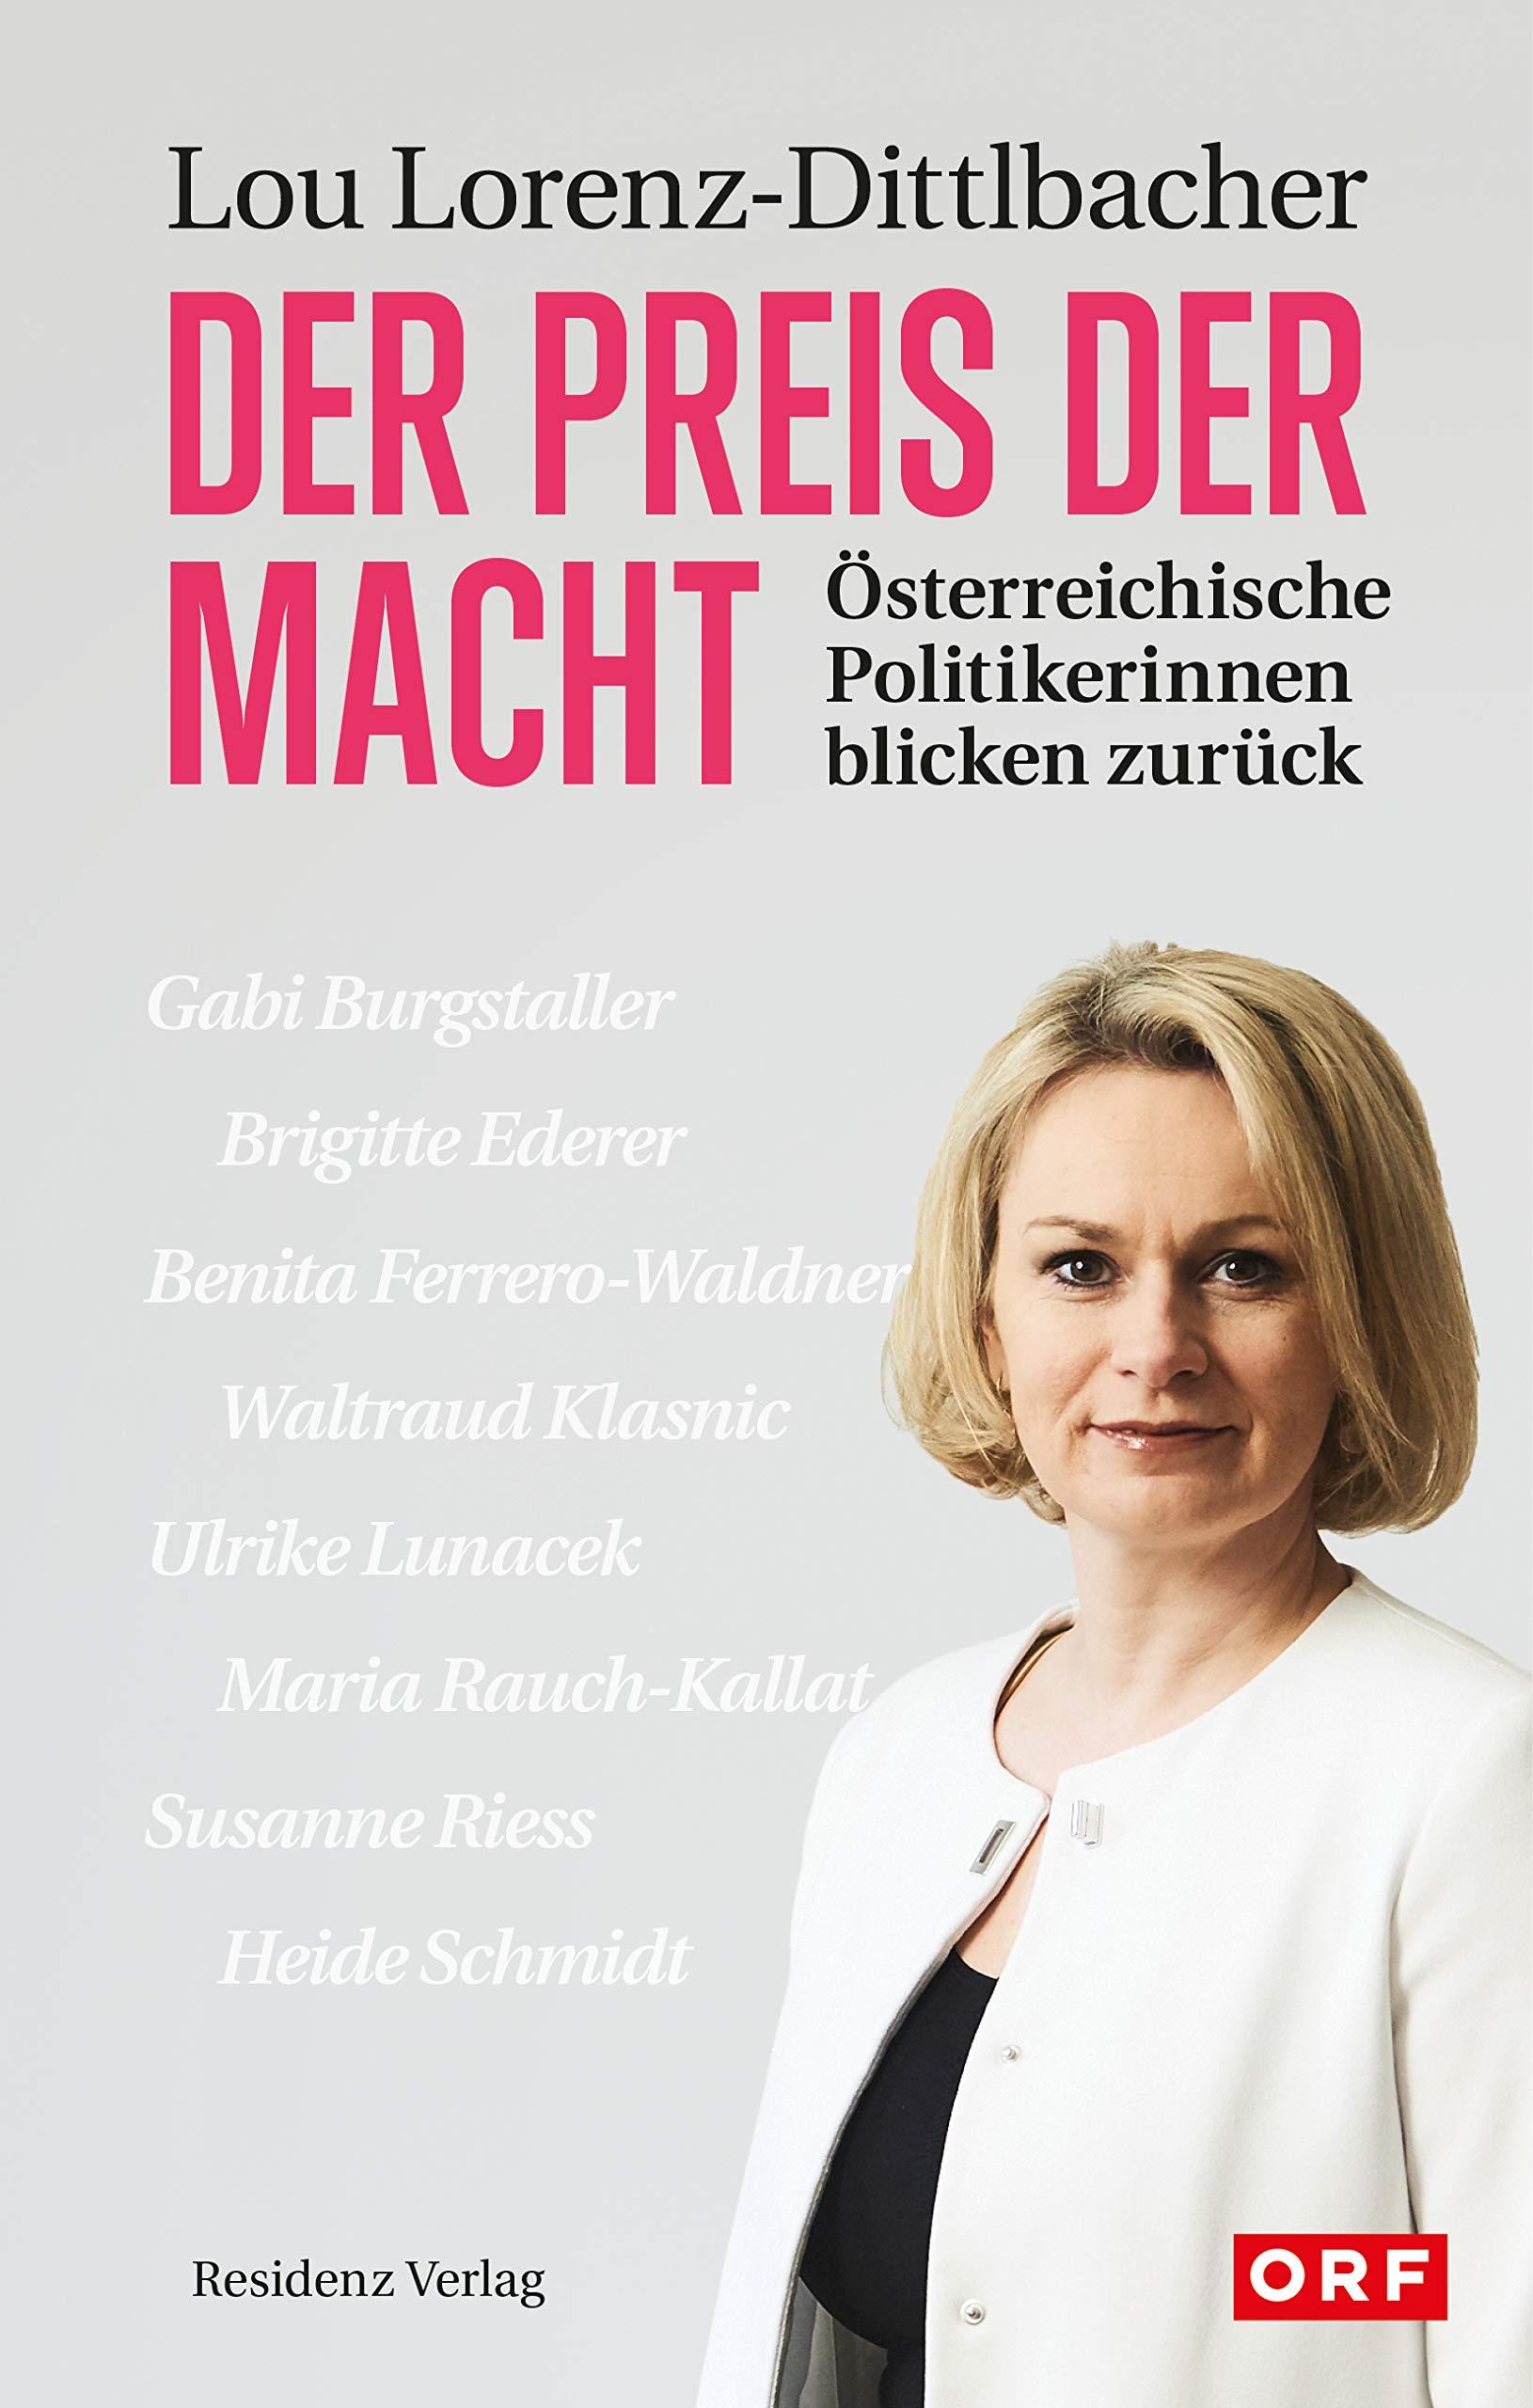 Der Preis der Macht: Österreichische Politikerinnen blicken zurück Gebundenes Buch – 18. September 2018 Lou Lorenz-Dittlbacher Residenz 370173464X Politikwissenschaft